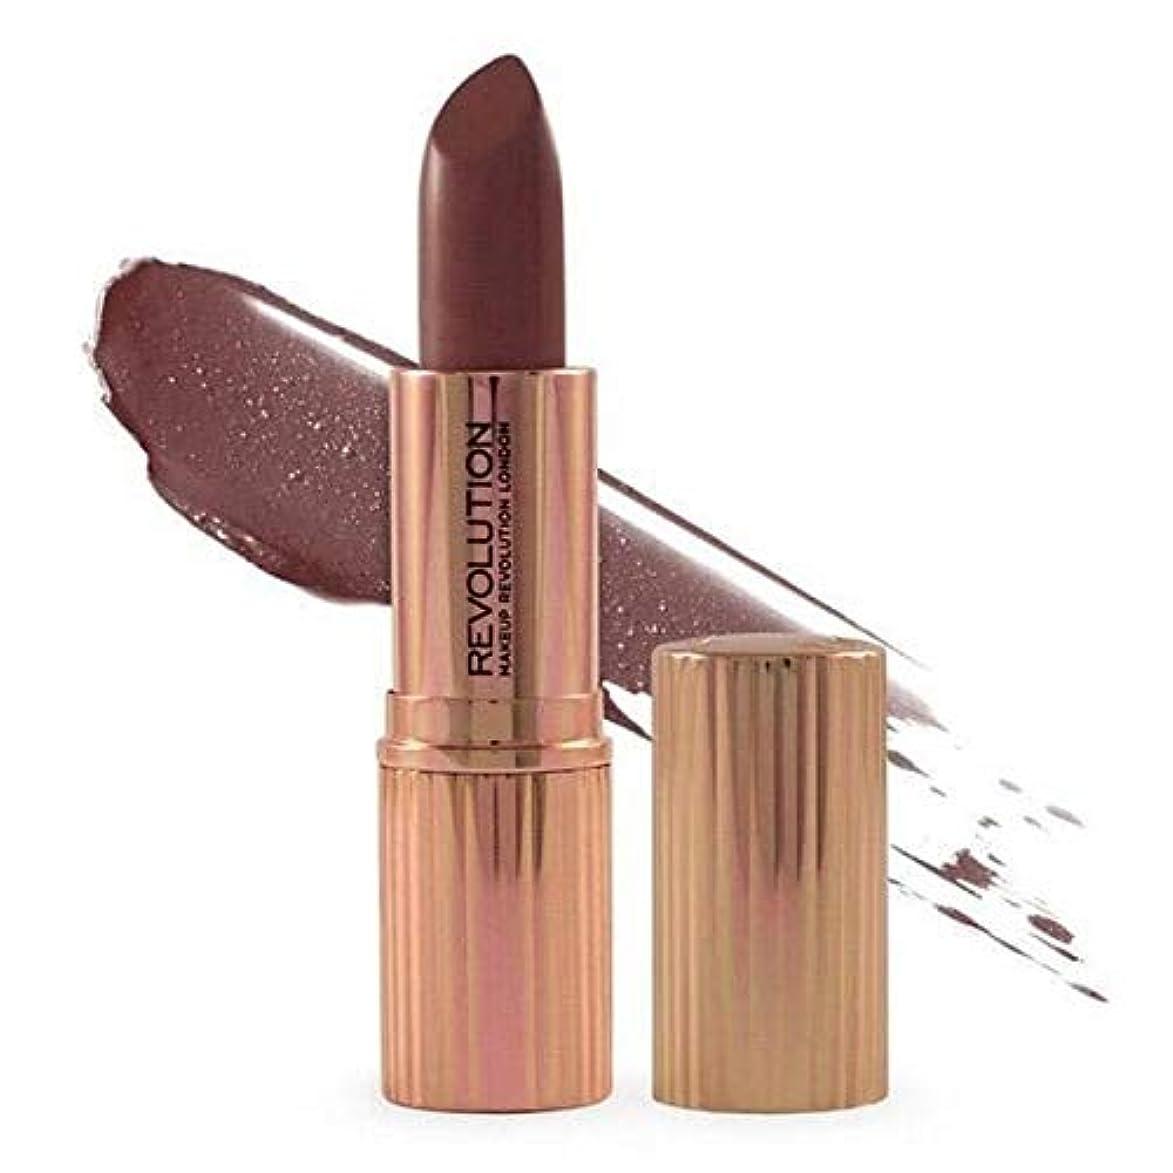 完璧な愛されし者パイ[Revolution ] 革命ルネサンス口紅プライム - Revolution Renaissance Lipstick Prime [並行輸入品]